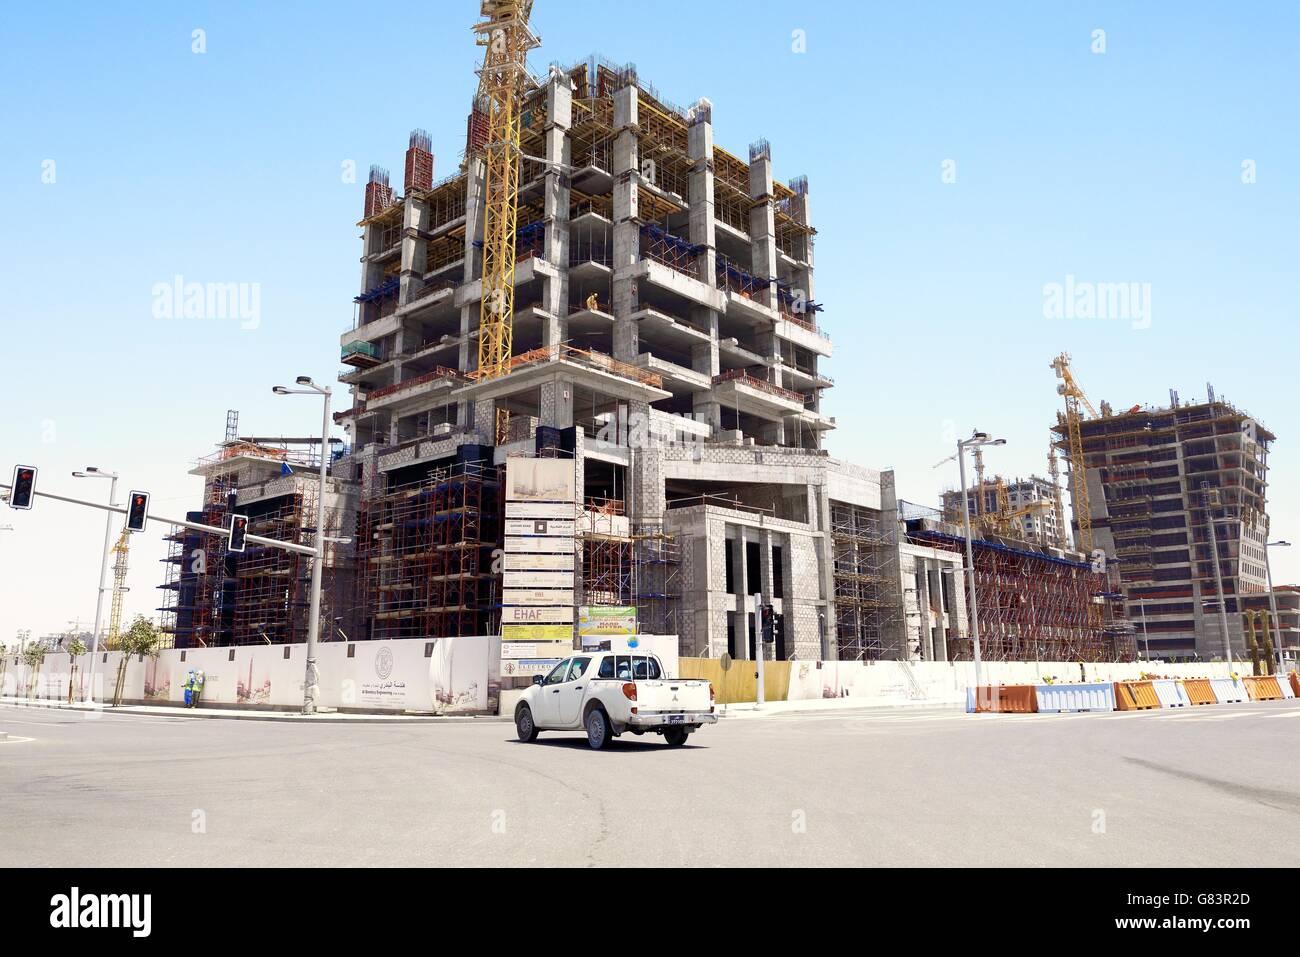 Al bandary ingegneria del torre Commerciale in costruzione. marina district di sviluppare rapidamente nuove città Immagini Stock